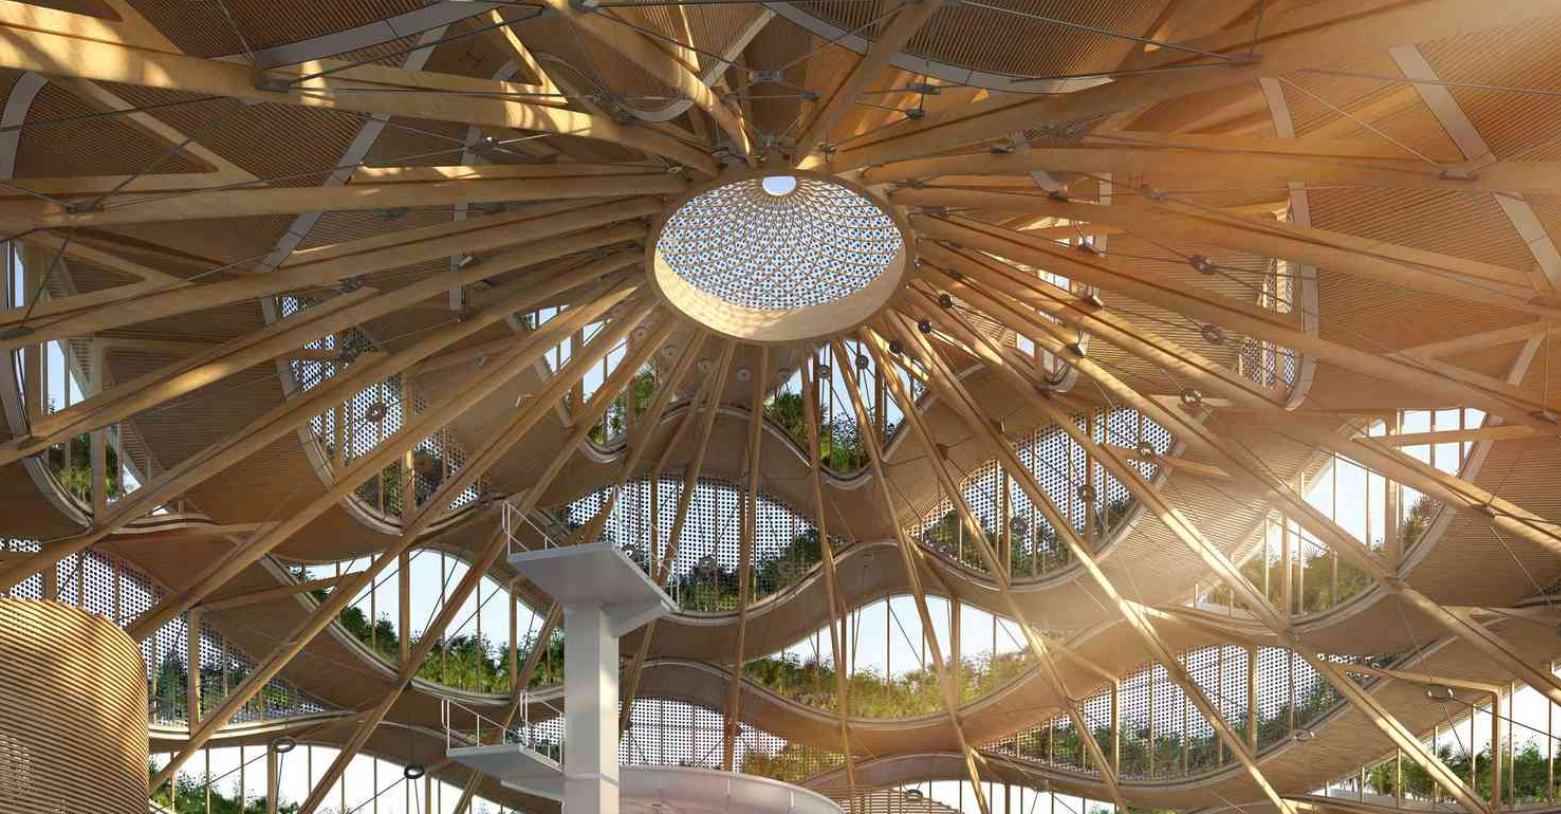 L'illuminazione dell'Eco resort Nautilus sarà soffusa e naturale